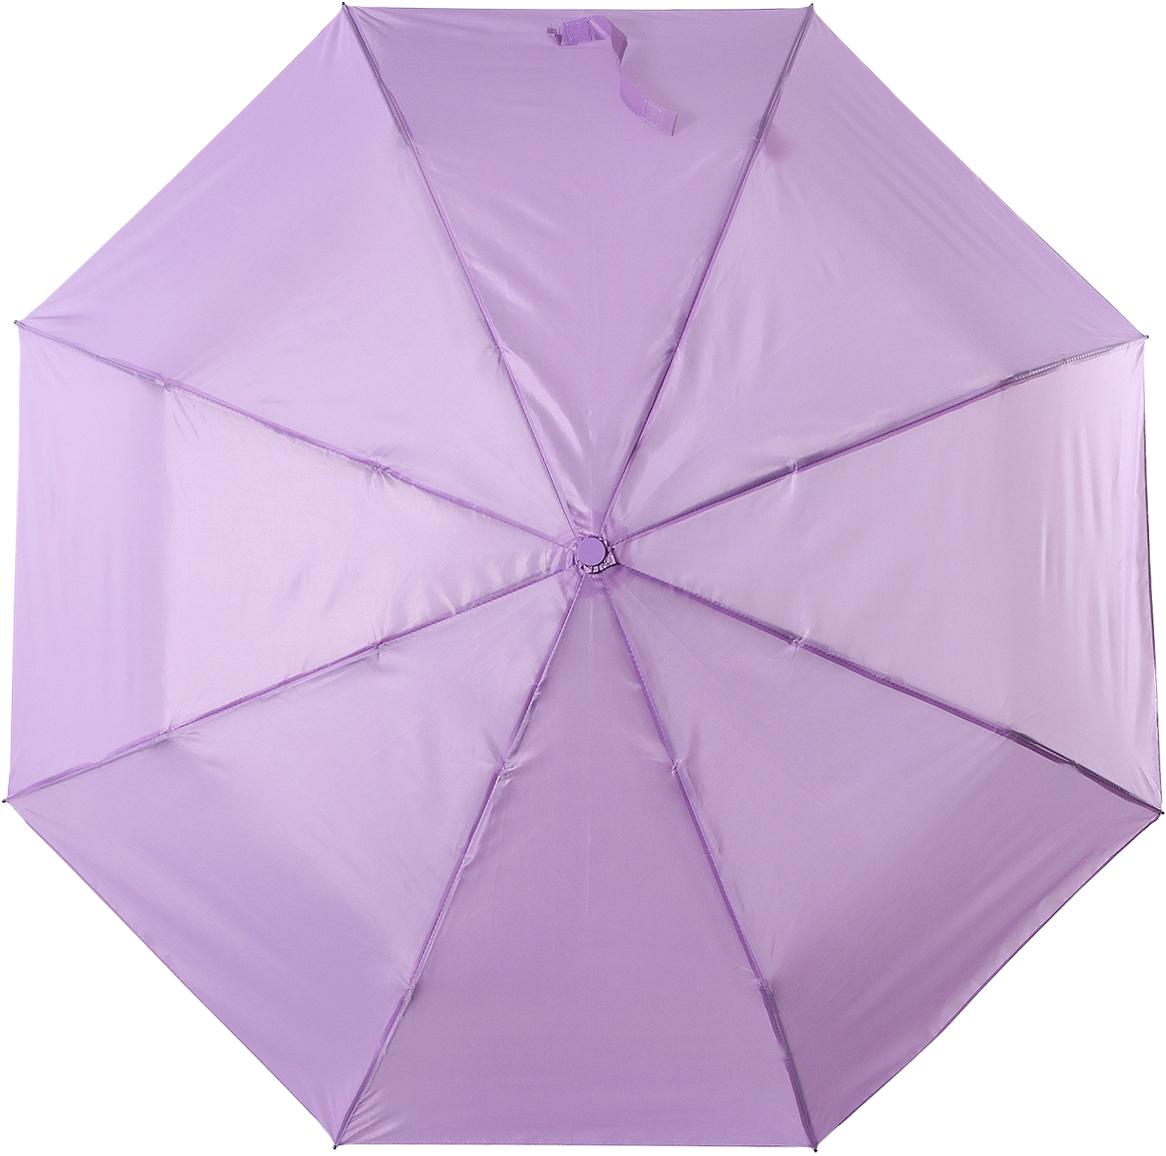 Зонт женский Torm, цвет: светло-фиолетовый. 3731-09 цена